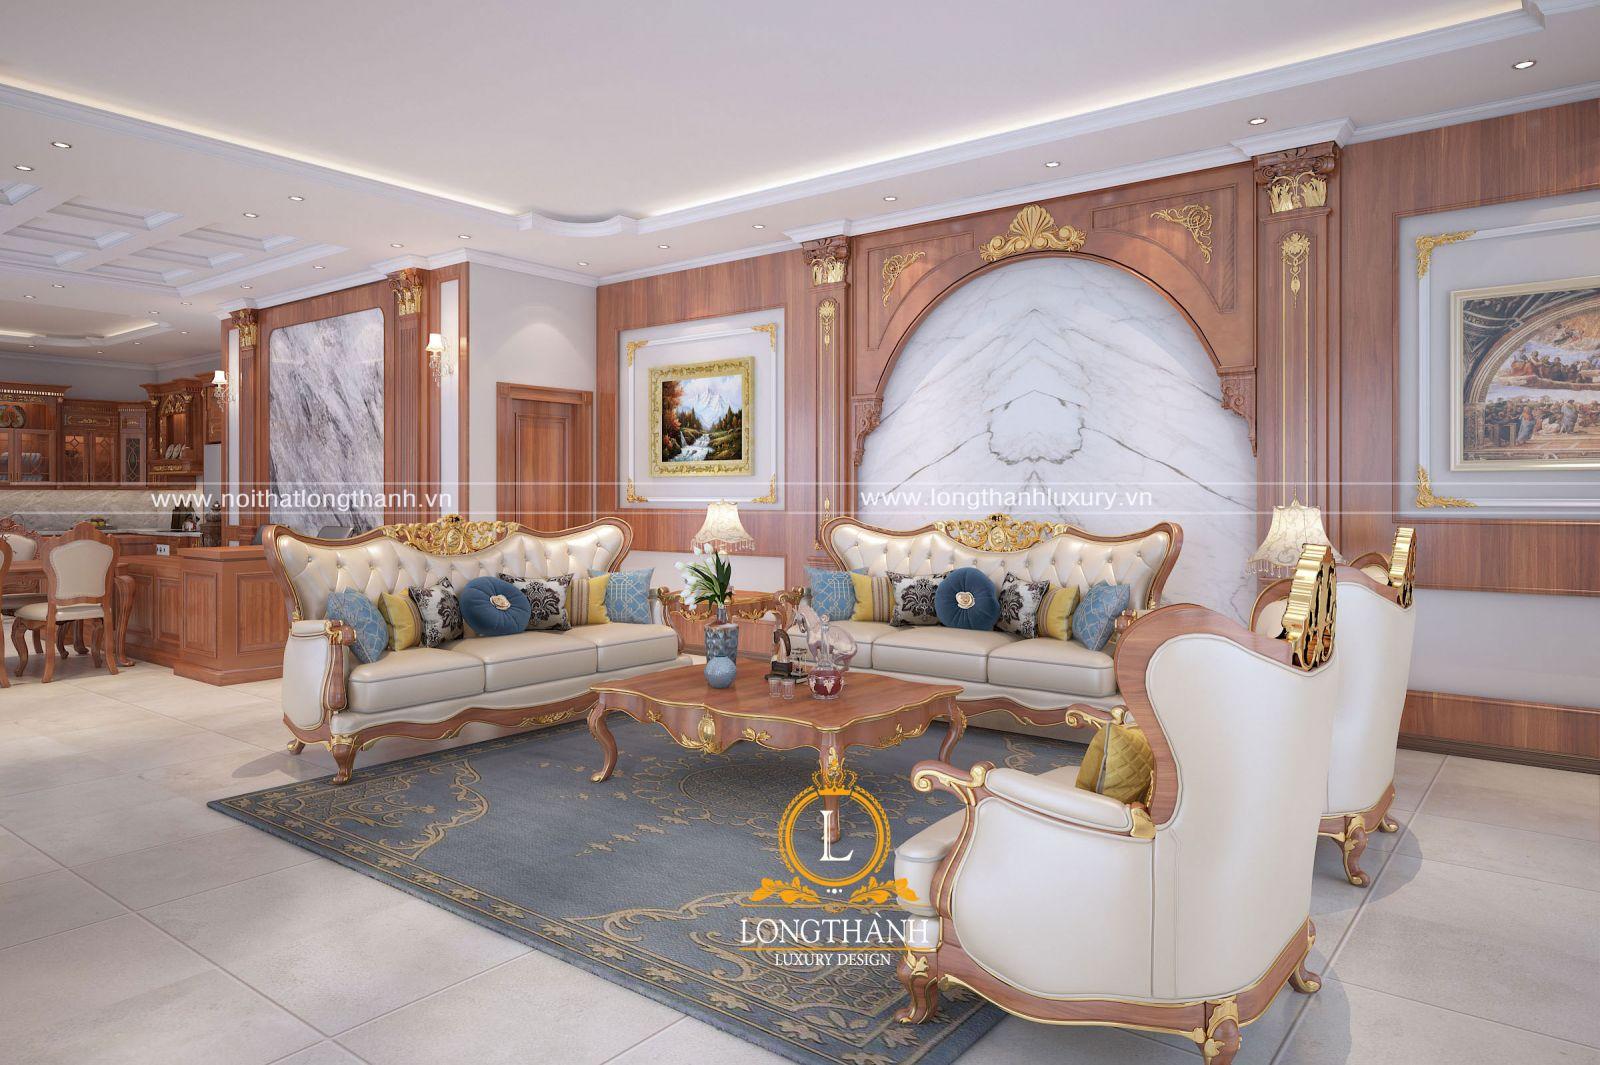 Nội thất tân cổ điển gỗ tự nhiên cho phòng khách